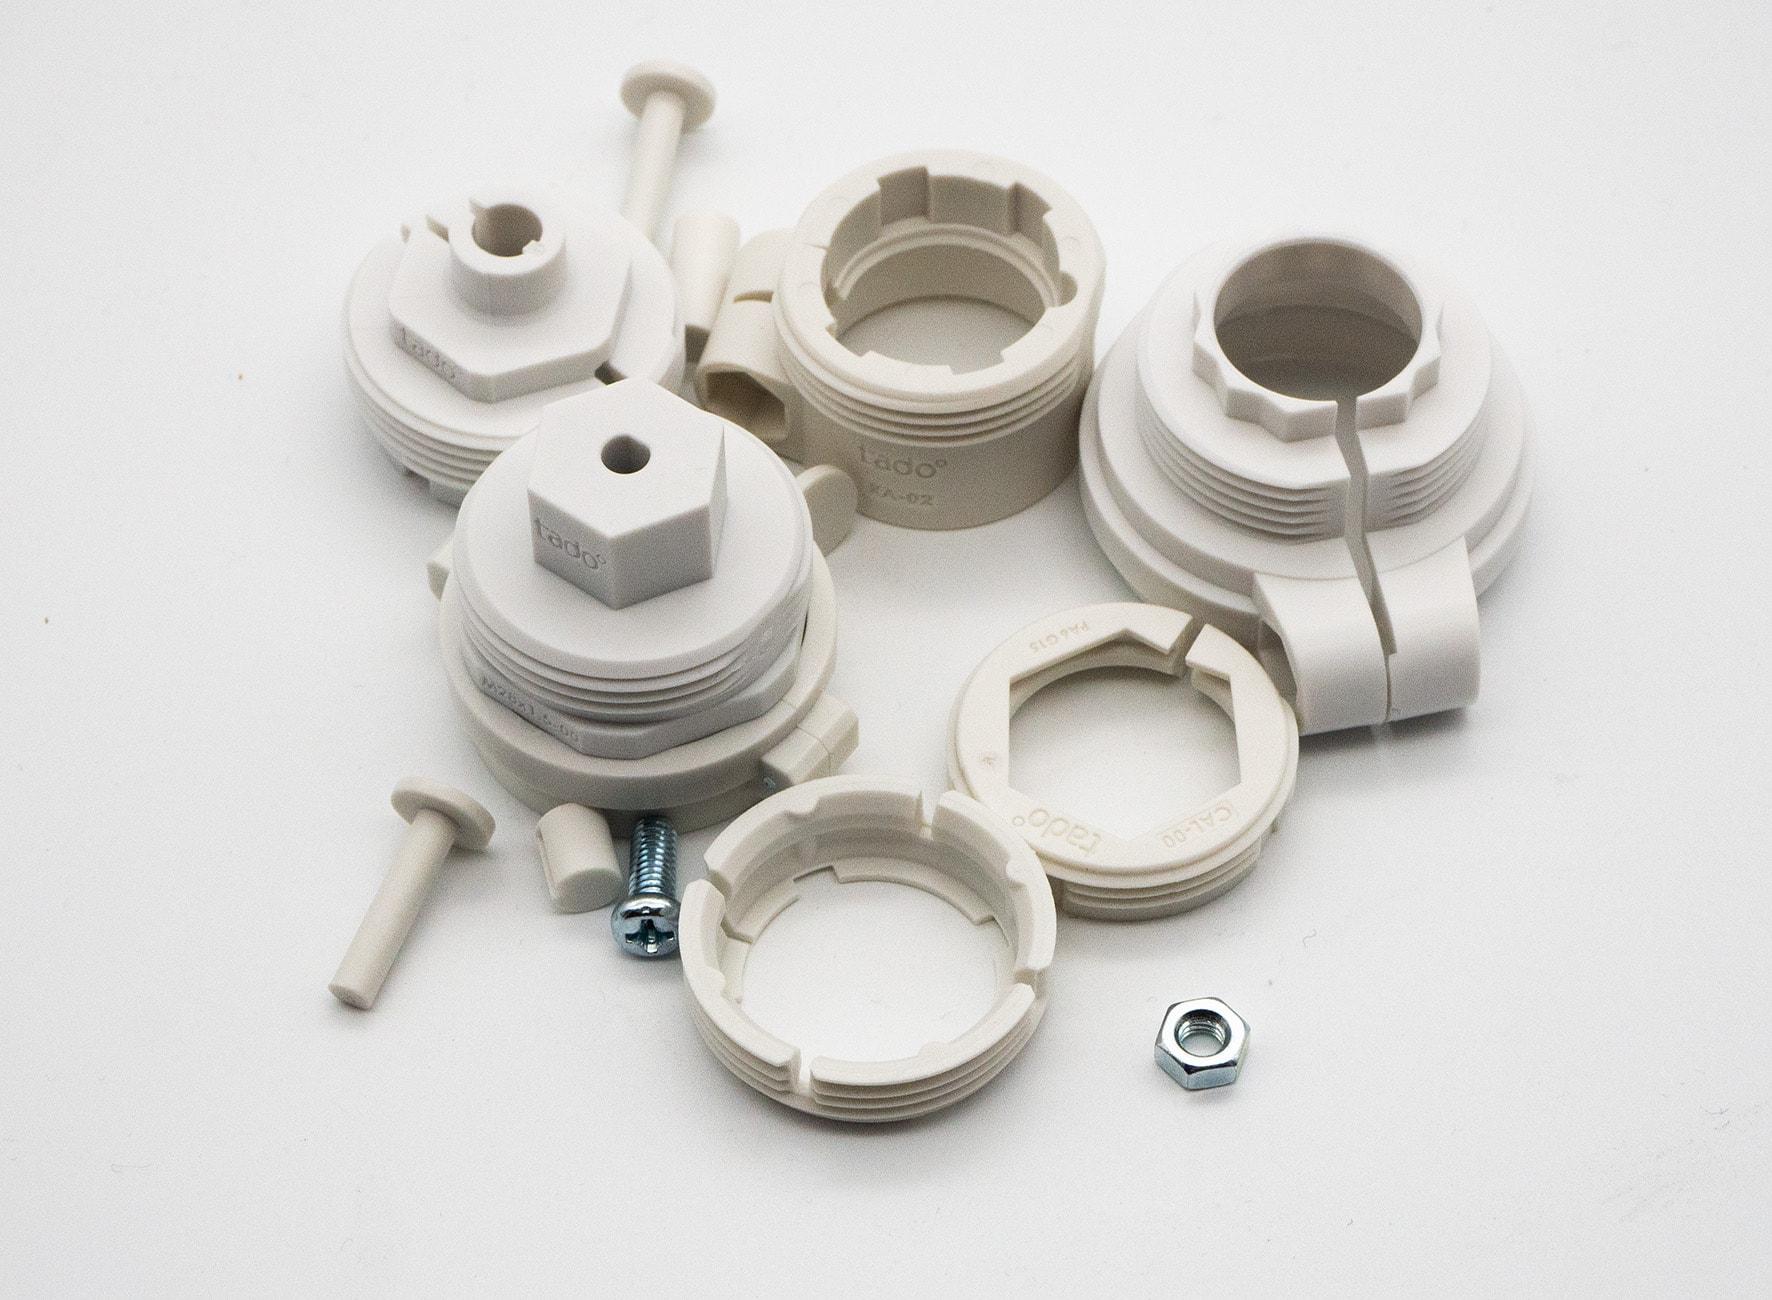 Unterschiedliche weiße runde Adapter liegen unsortiert auf weißem Boden